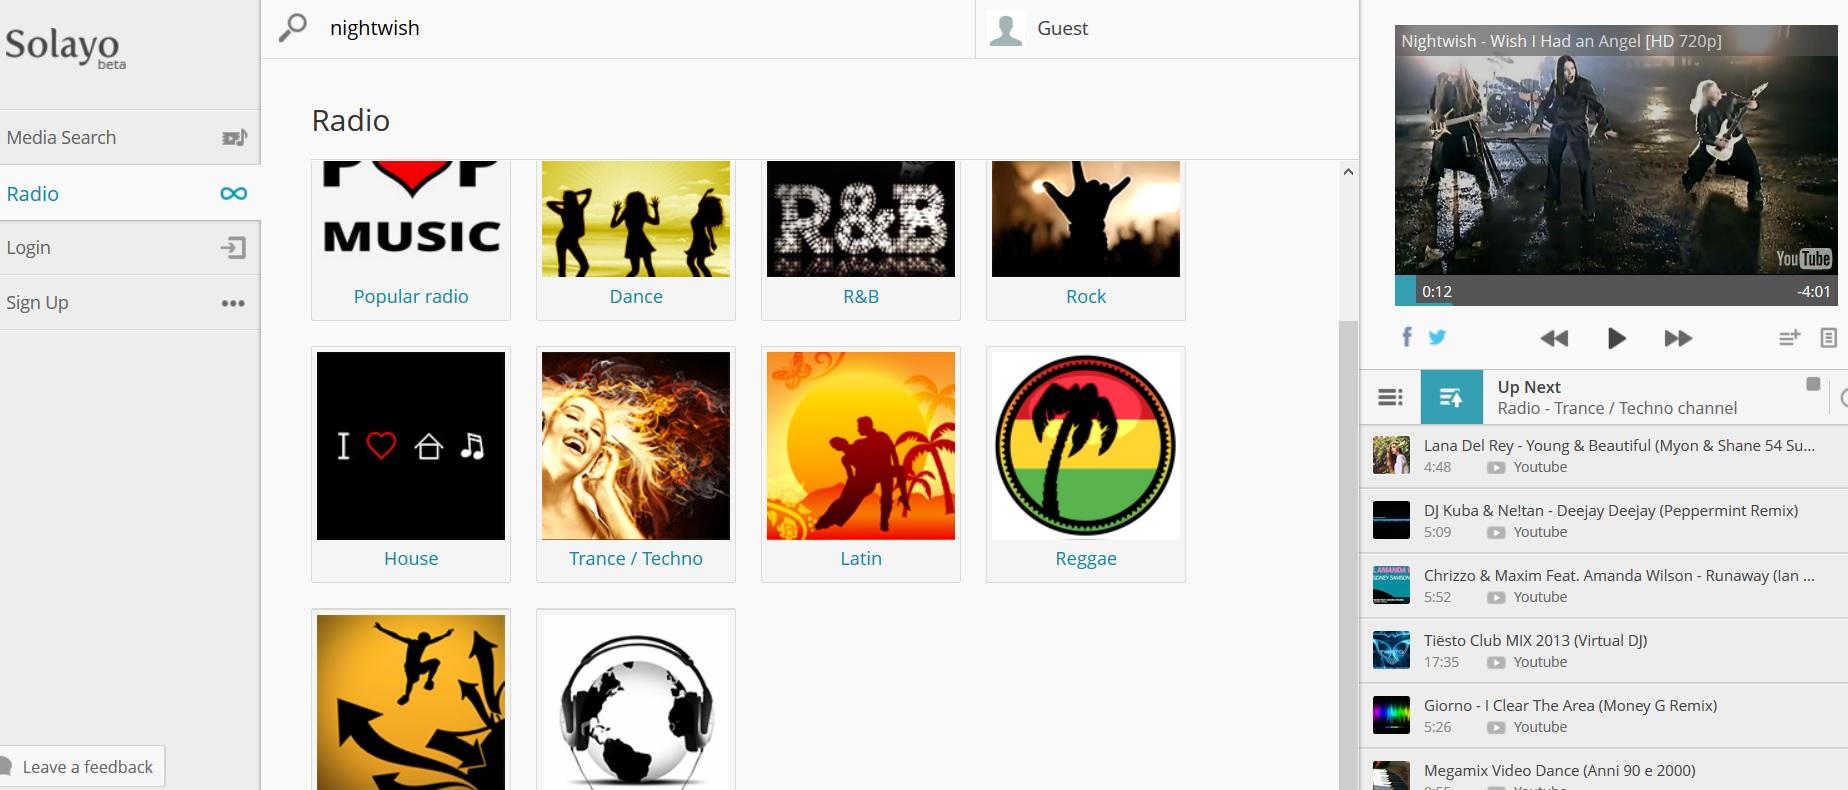 Sitio web gratuito para escuchar música y videos